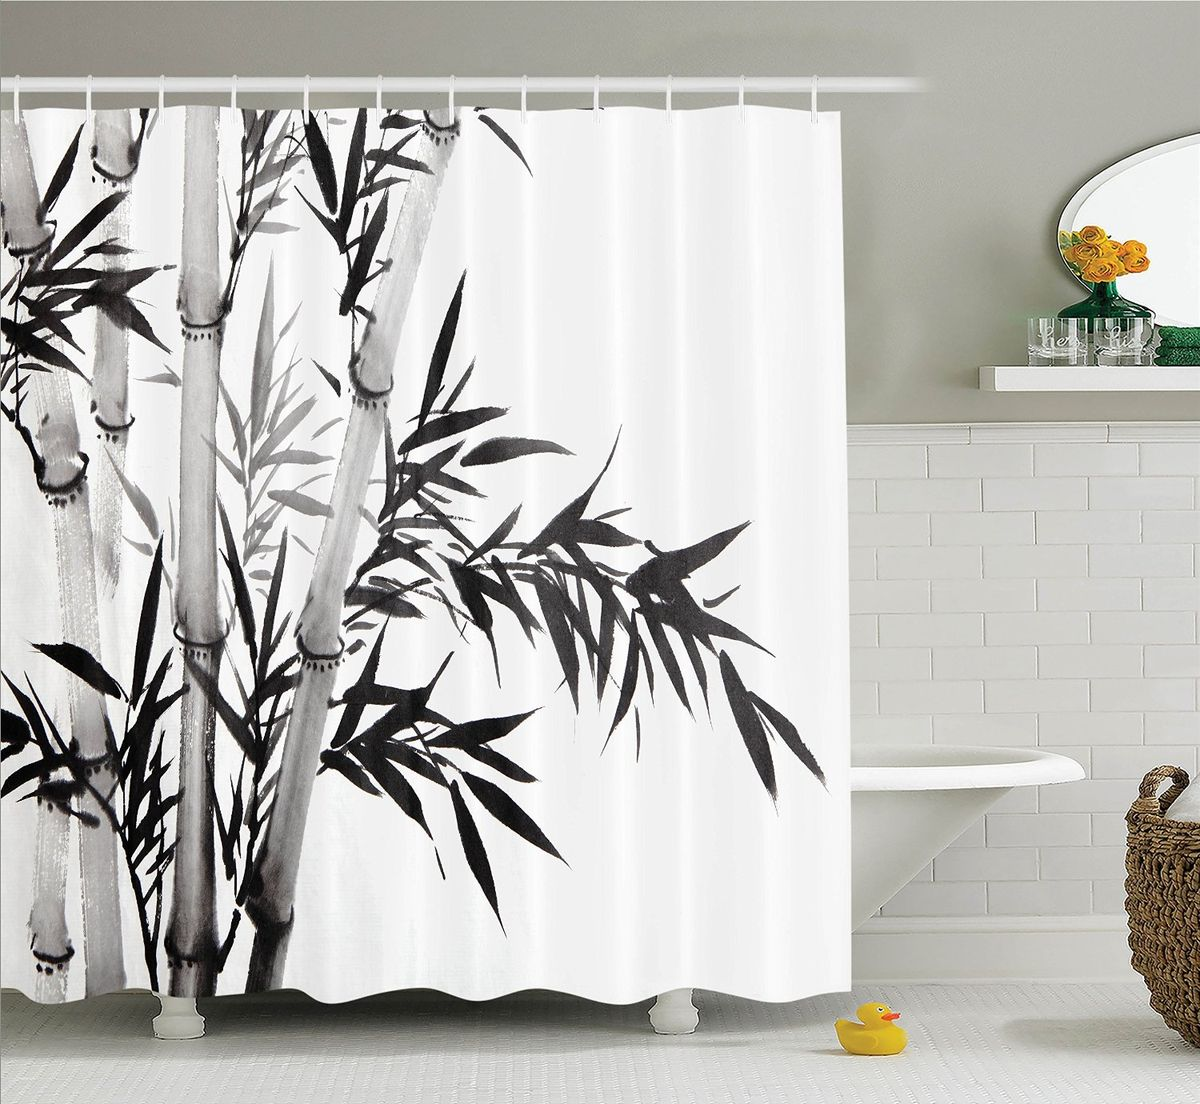 Штора для ванной комнаты Magic Lady Стебли и листья бамбука, 180 х 200 смшв_10232Штора Magic Lady Стебли и листья бамбука, изготовленная из высококачественного сатена (полиэстер 100%), отлично дополнит любой интерьер ванной комнаты. При изготовлении используются специальные гипоаллергенные чернила для прямой печати по ткани, безопасные для человека.В комплекте: 1 штора, 12 крючков. Обращаем ваше внимание, фактический цвет изделия может незначительно отличаться от представленного на фото.